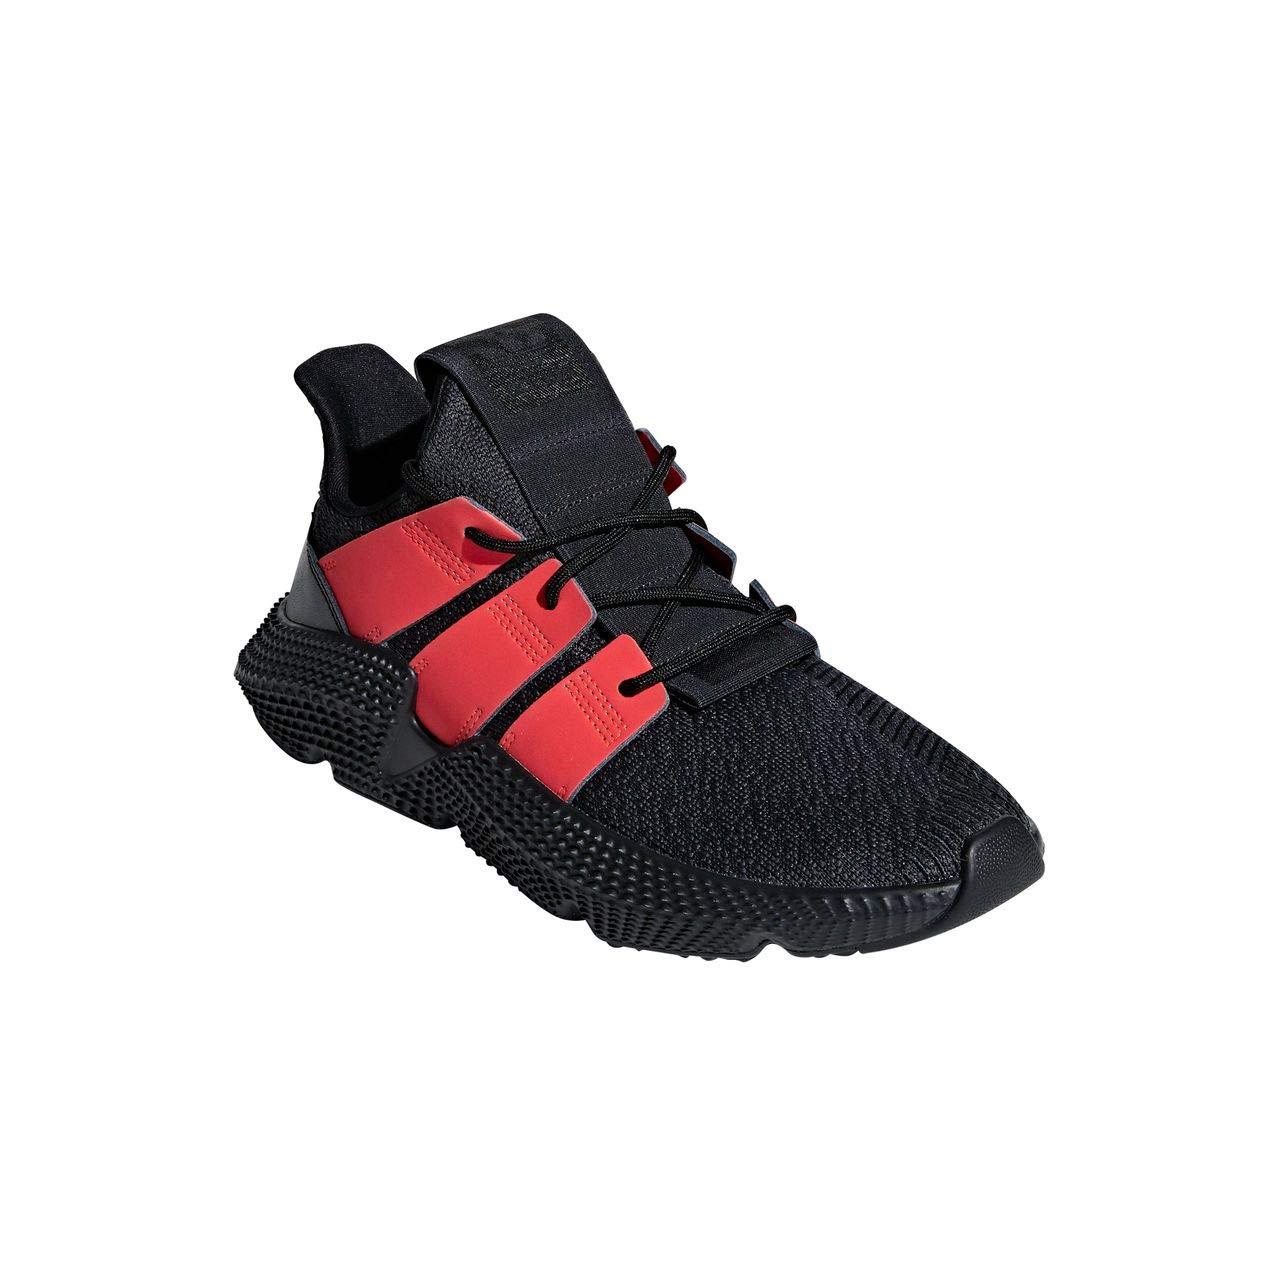 Noir (Carbon Solar rouge Carbon) adidas Prophere, Chaussures de Gymnastique Homme 44 EU